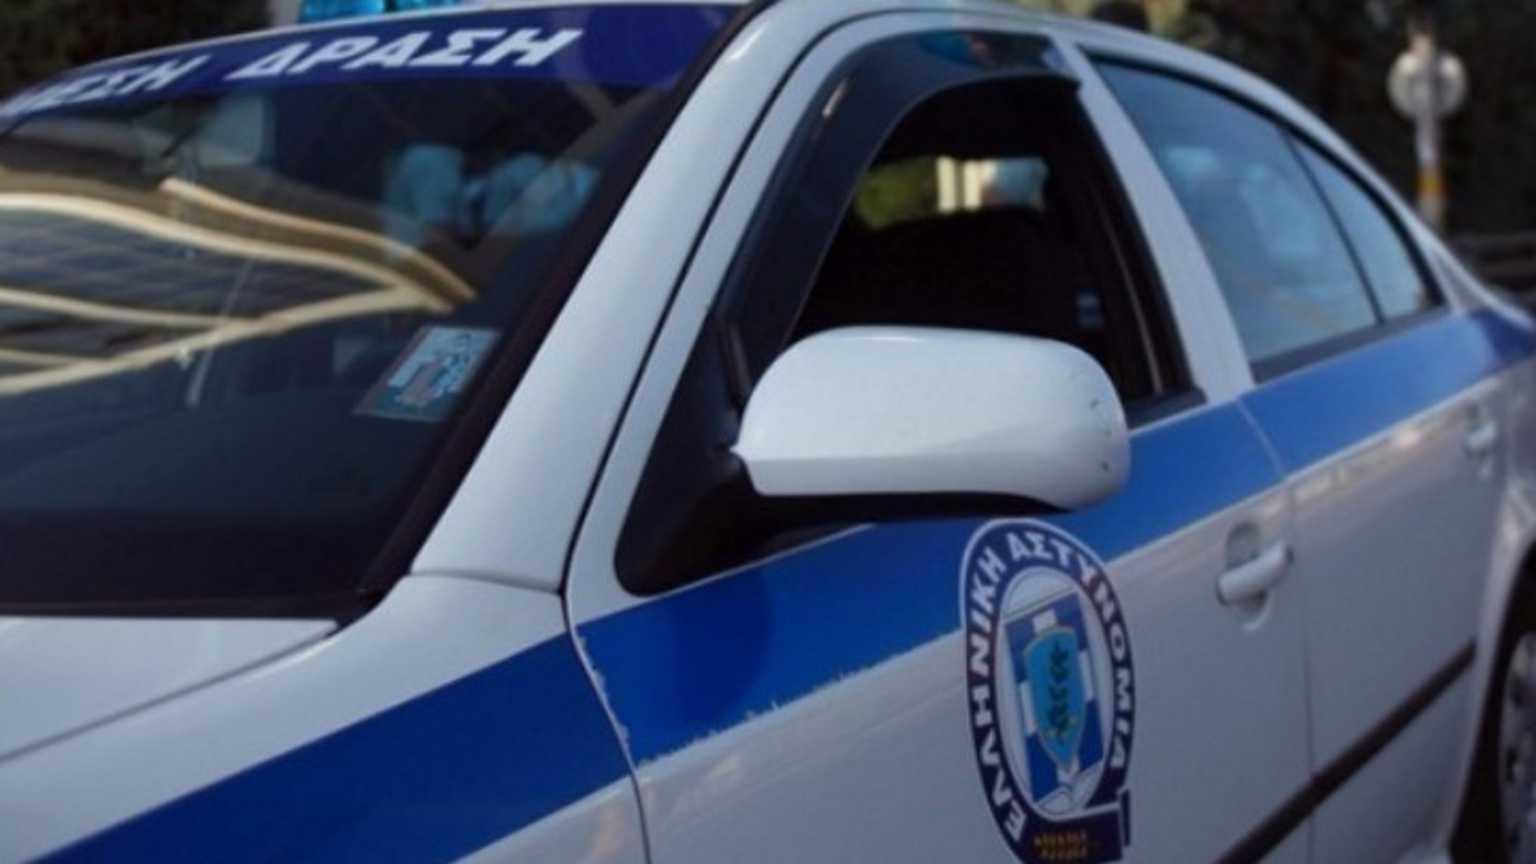 Λάρισα: Καταδικάστηκαν για τον άγριο ξυλοδαρμό τσιγγάνου – «Μου παραμόρφωσαν το πρόσωπο»